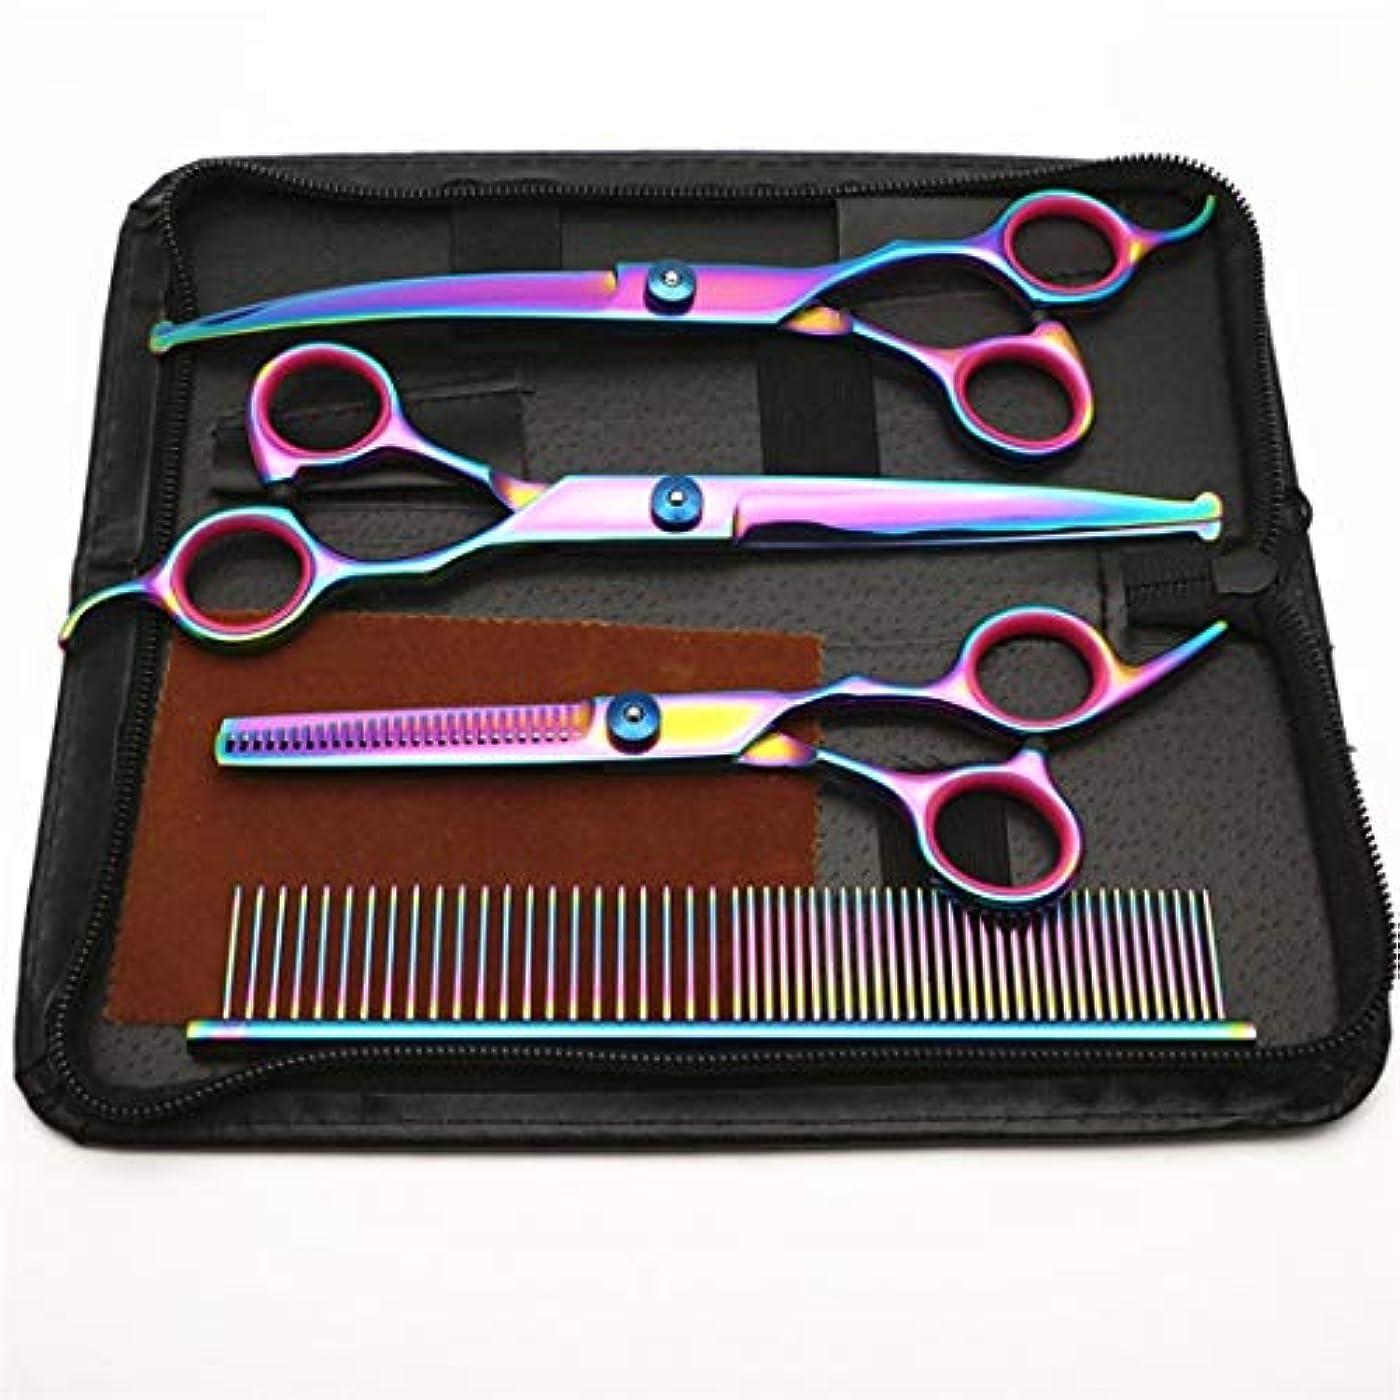 回復する提供されたアフリカ(曲げばさみ/ストレートばさみ/歯科用ハサミ/くし/レザーバッグ/ワイプを送る)5ピースカラー理髪はさみ ヘアケア (色 : 5 piece set)